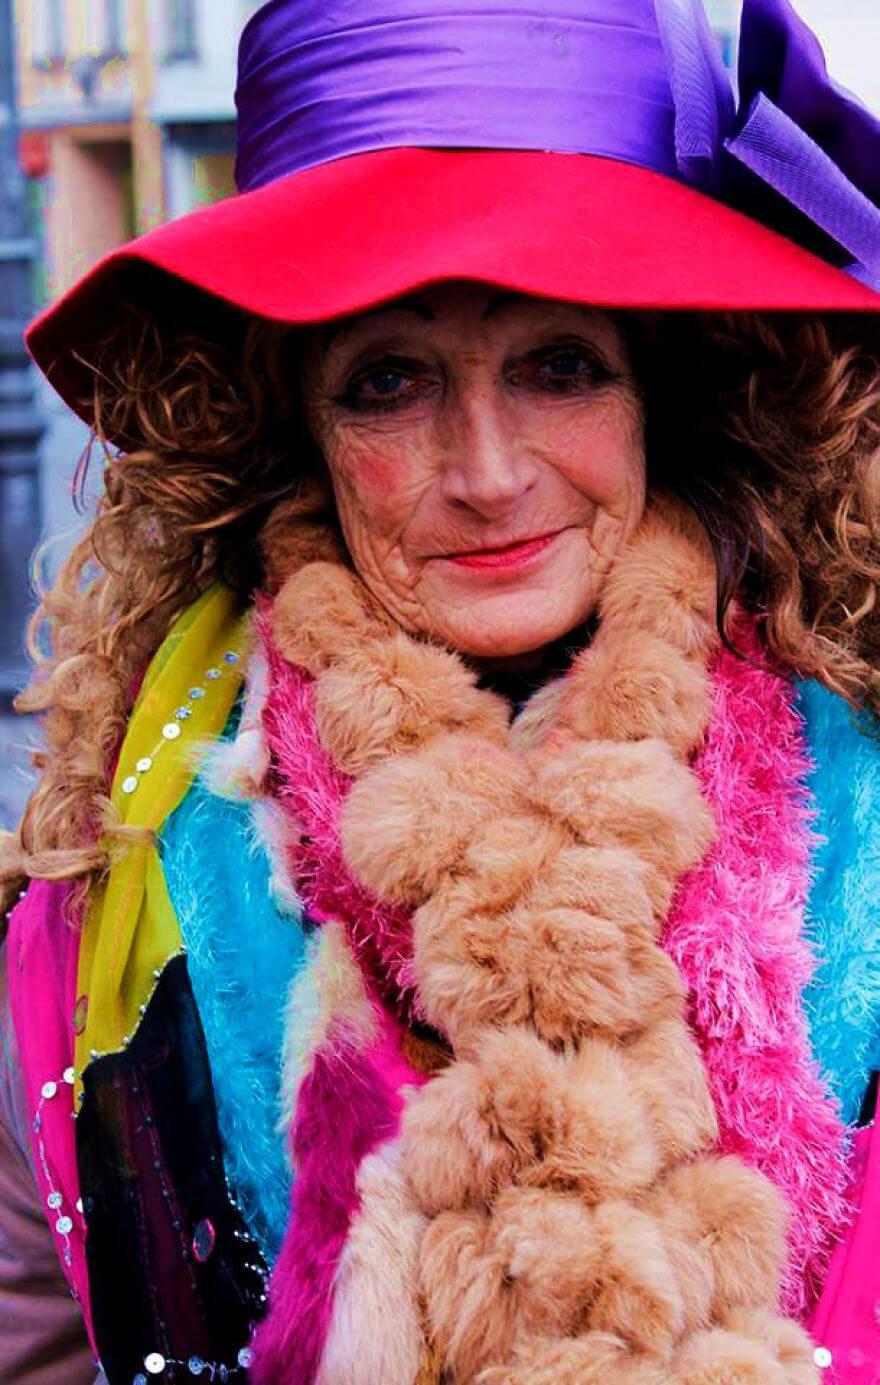 Рози - 80-летняя бездомная дама, местная знаменитость и истинная икона стиля